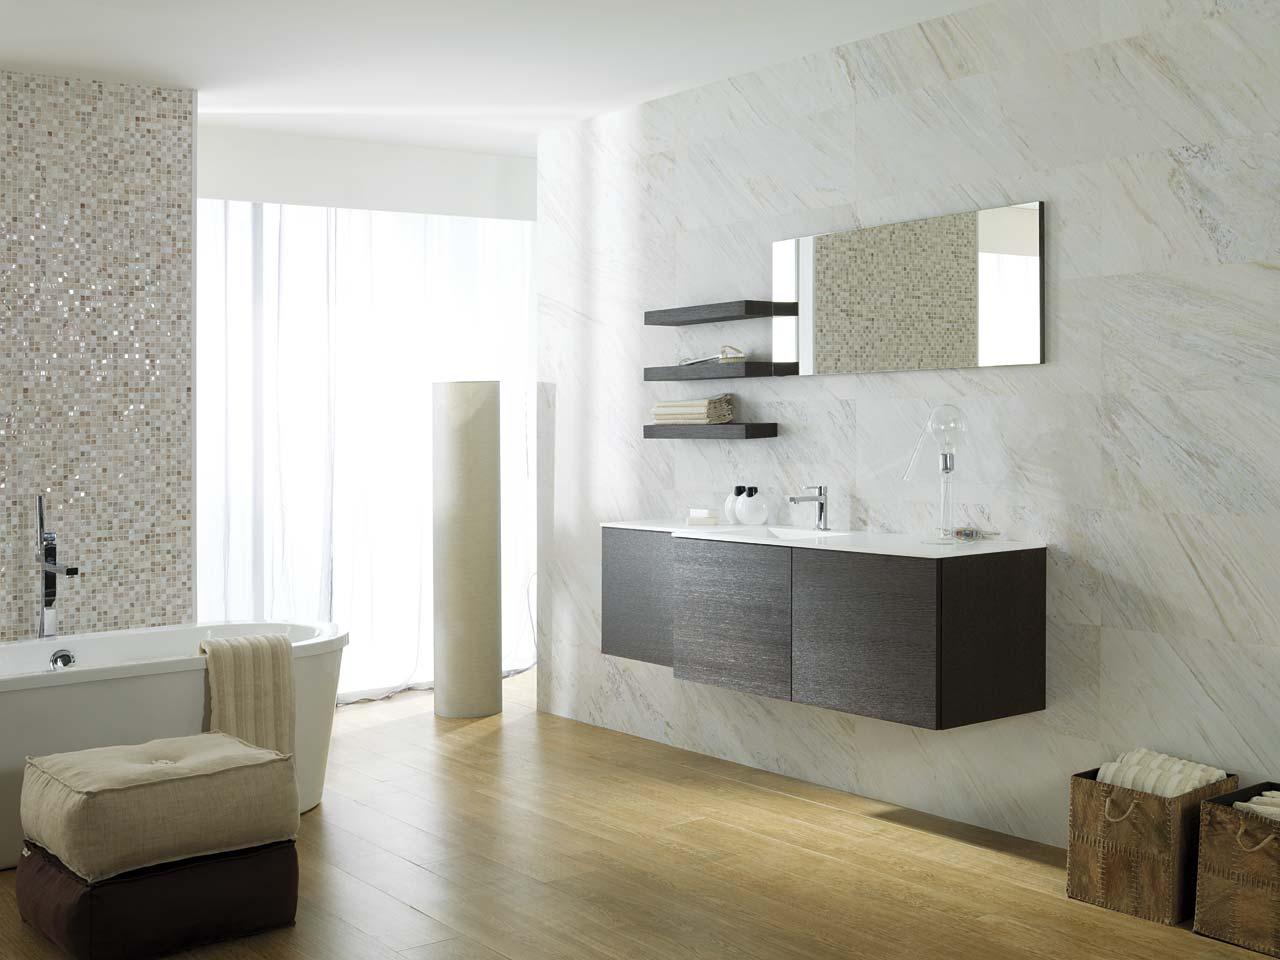 Baño style contemporaneo color marron, blanco, gris, bronce